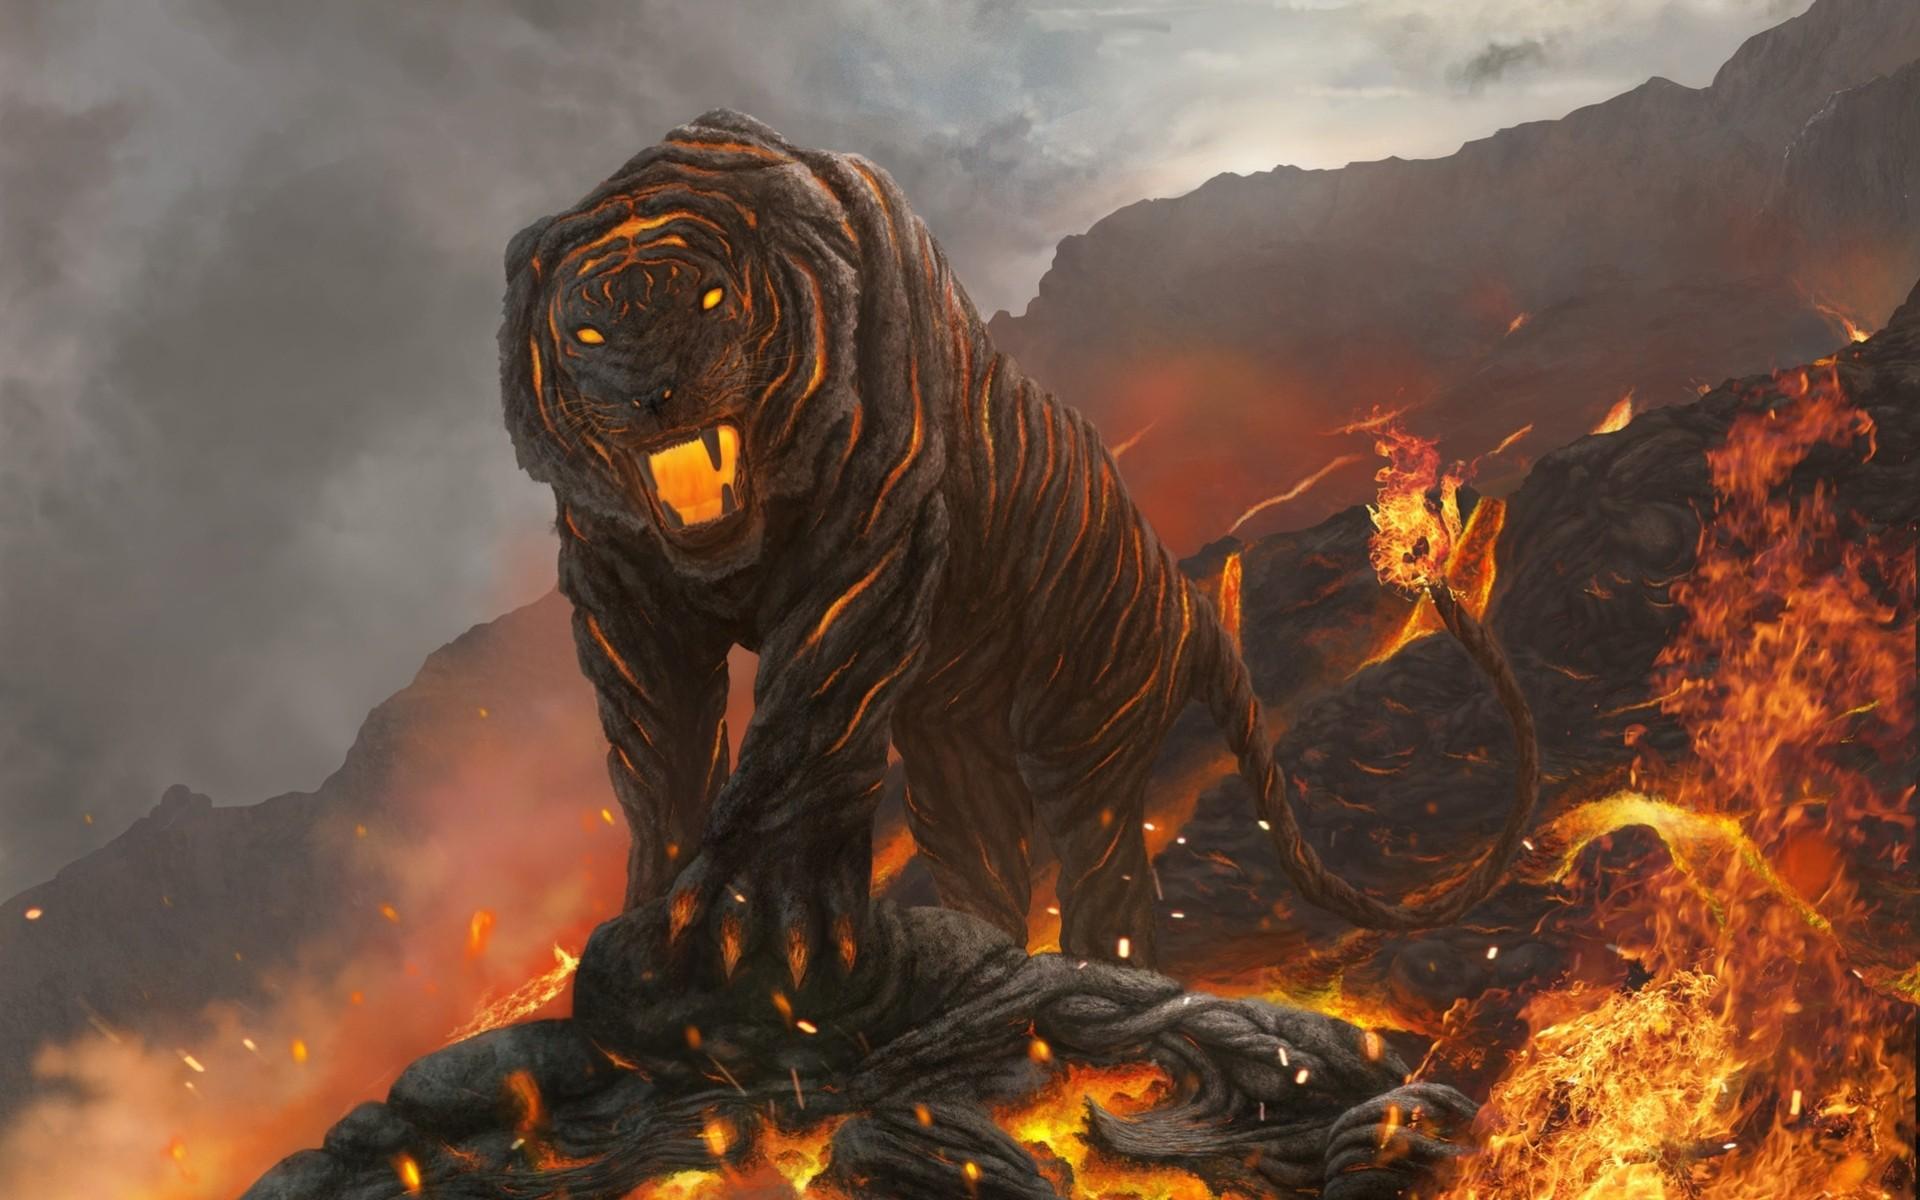 картинки тигров из игр смотрел разные